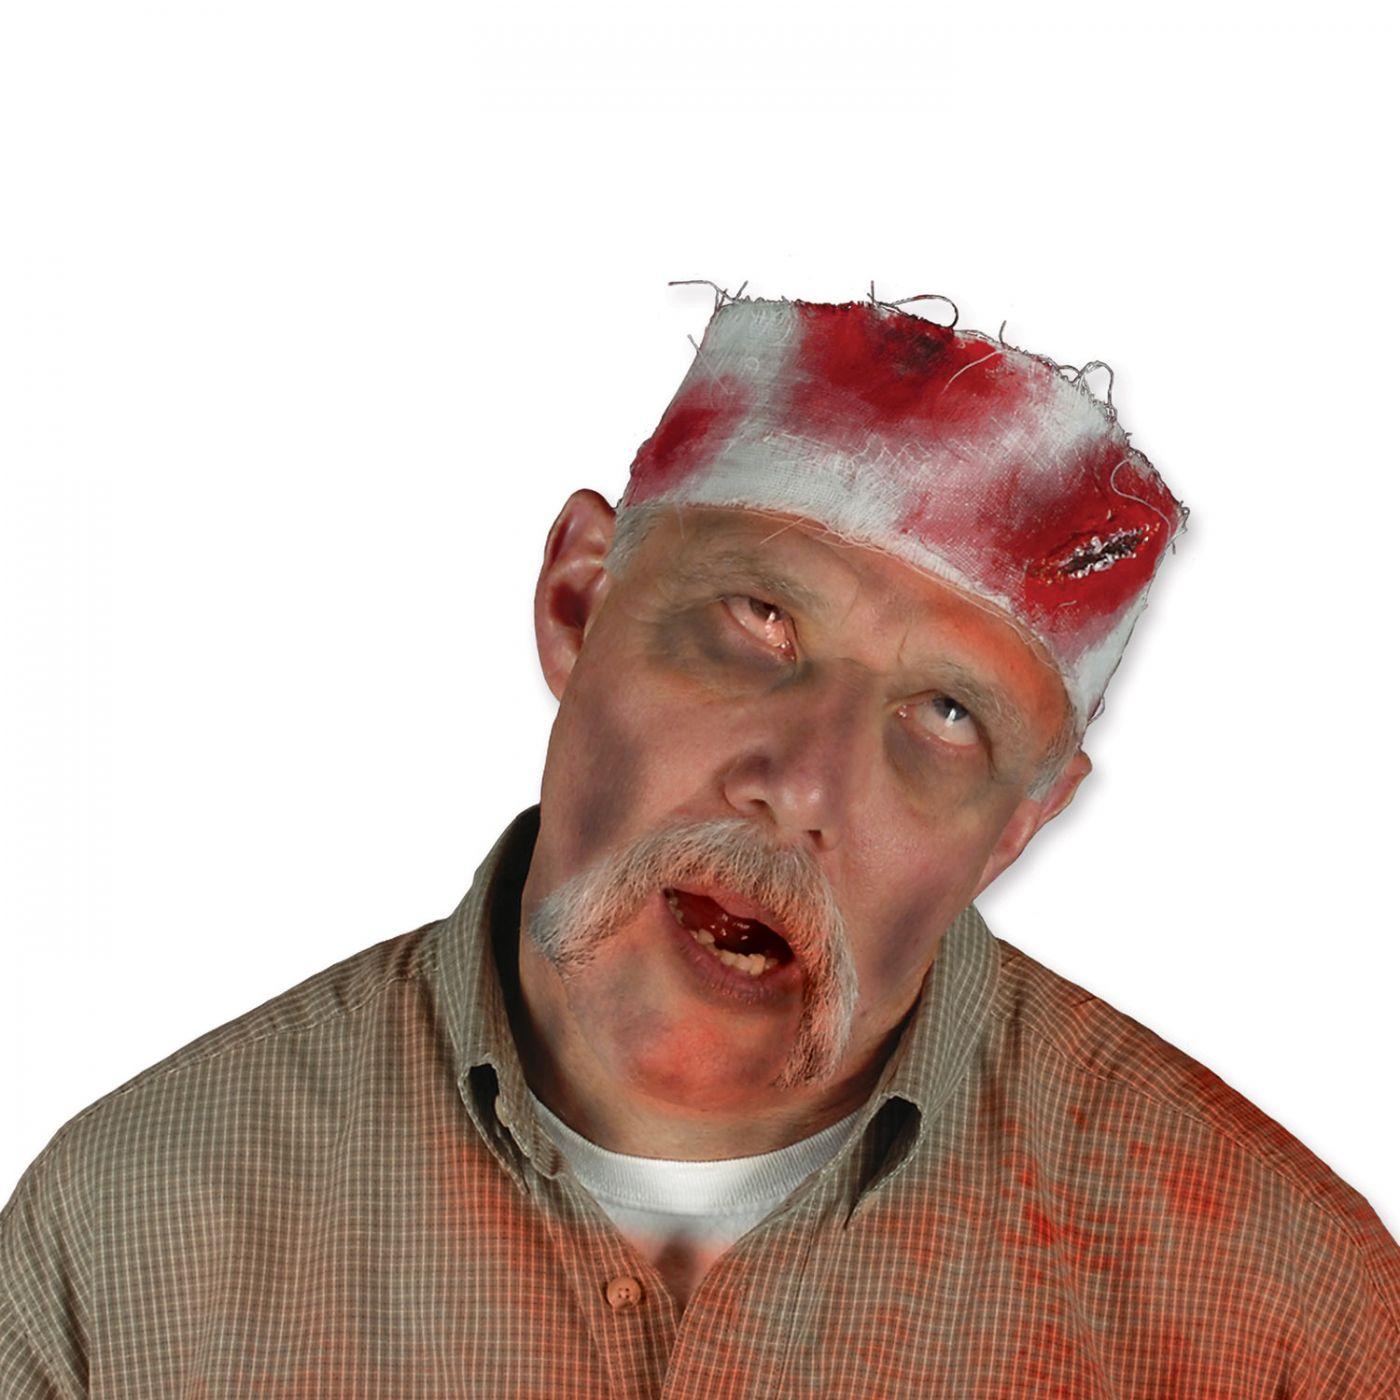 Image of Bloody Gauze Headband